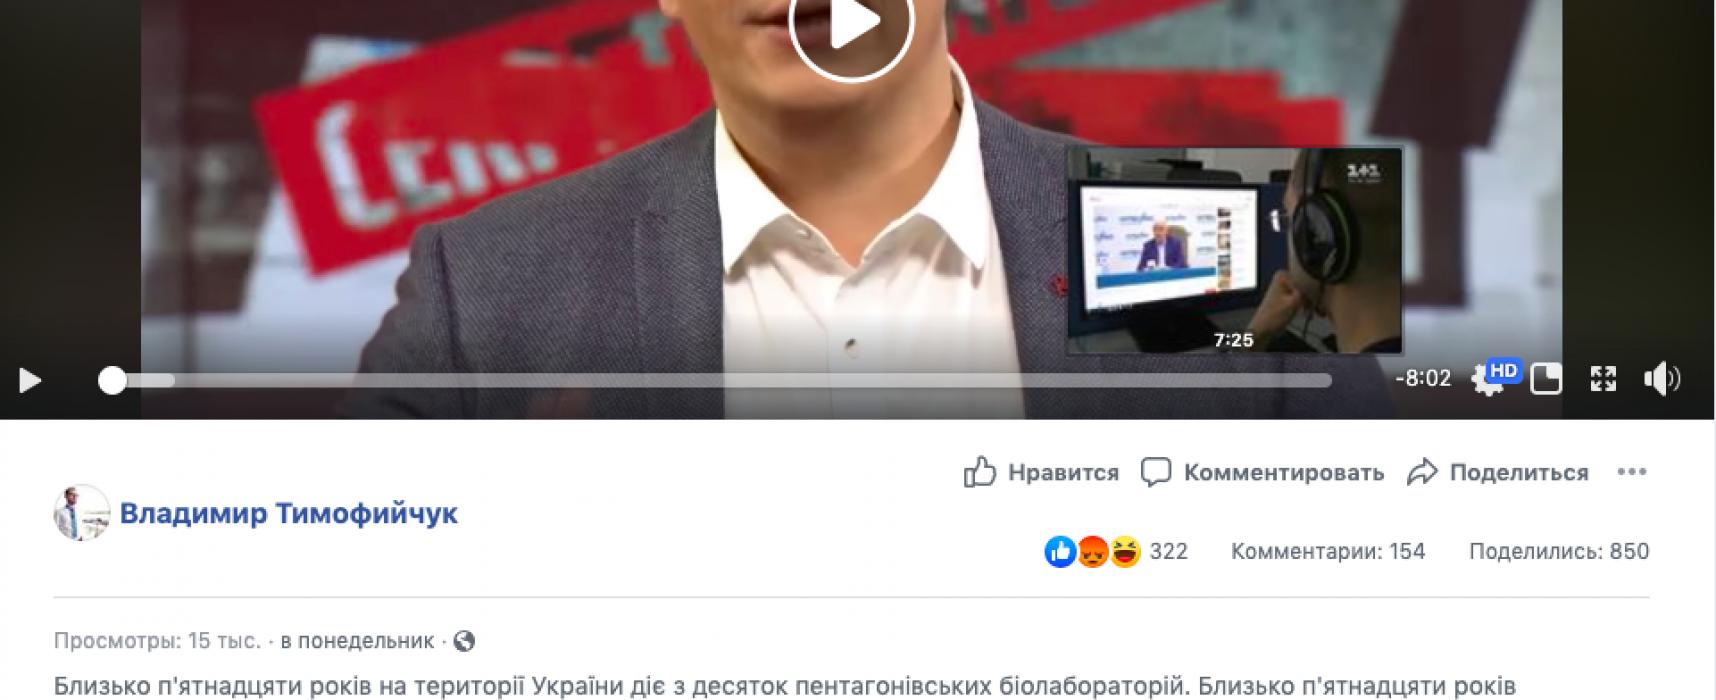 Сім фейків за вісім хвилин: «1 + 1» про американські лабораторії в Україні